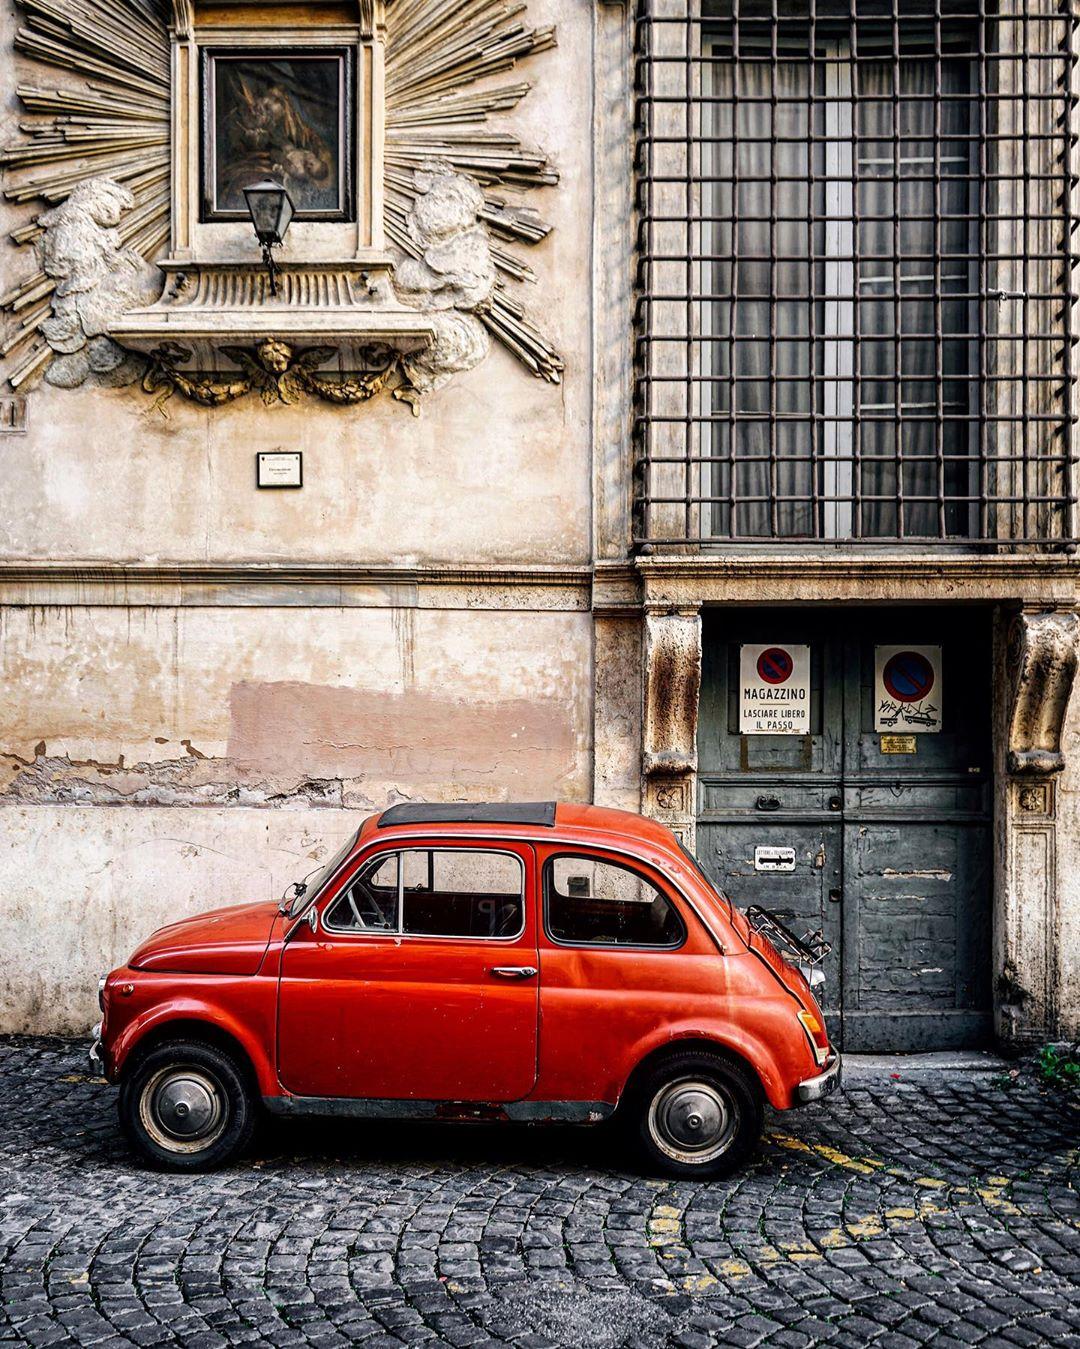 Уличные снимки из путешествий Алекса Зоуаги